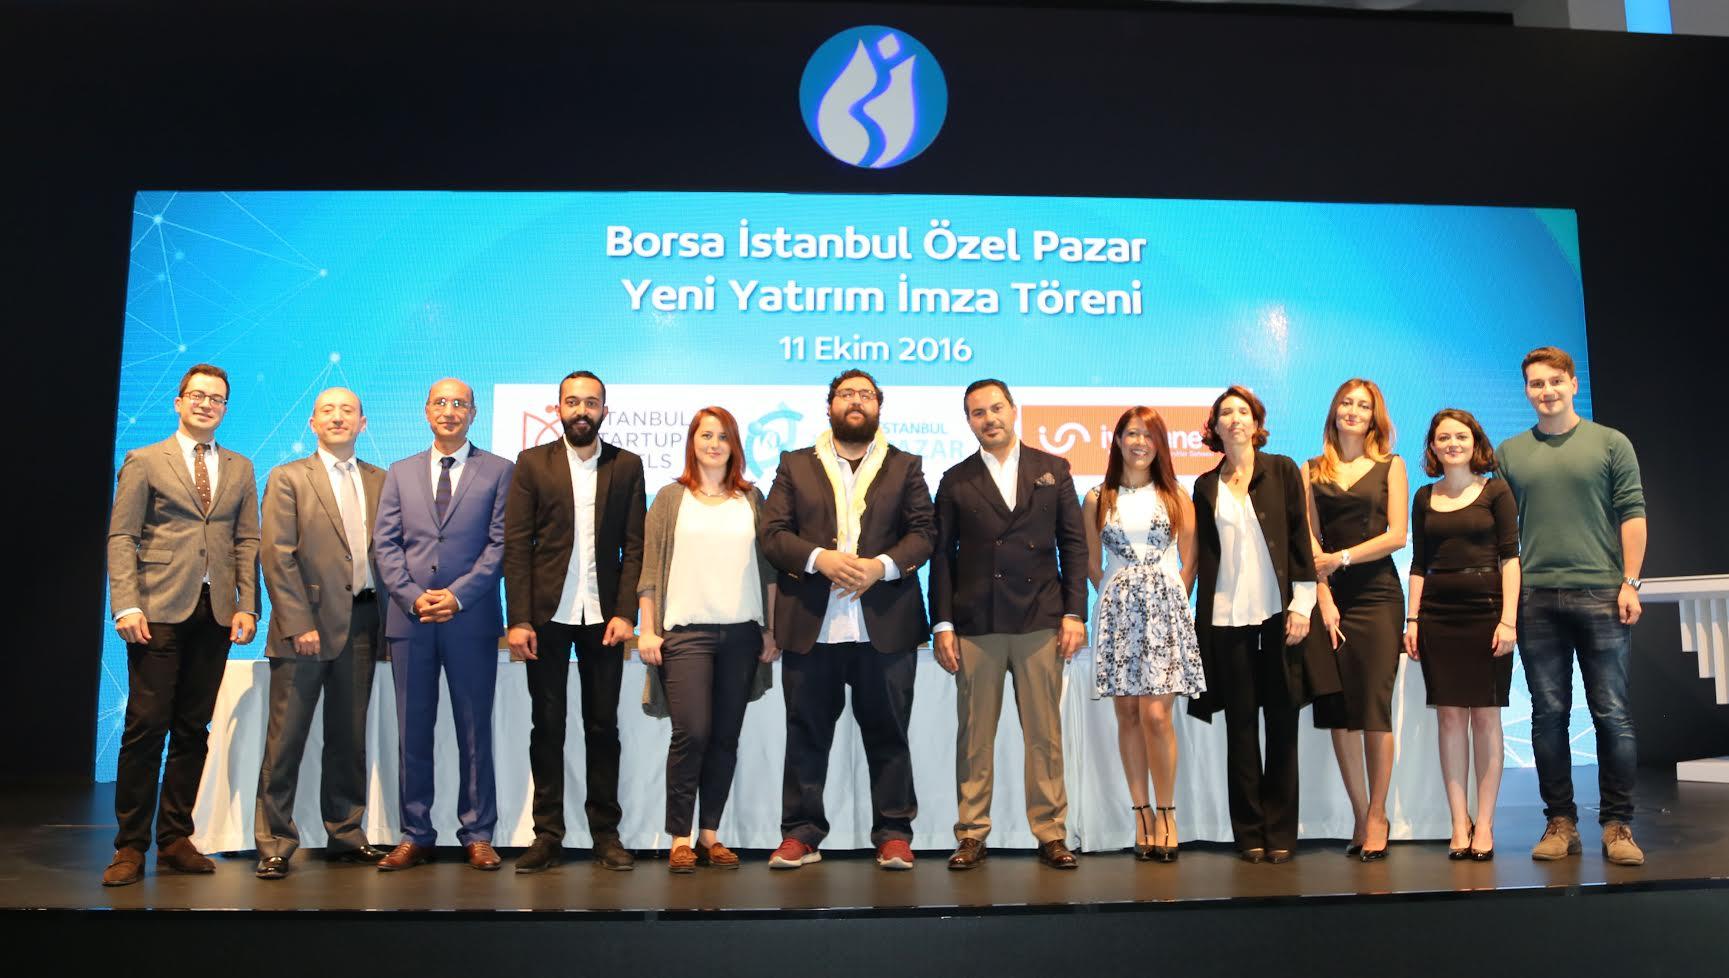 Borsa İstanbul Özel Pazar'da İstanbul StartupAngels'dan iyisahne.com'a yeni yatırım